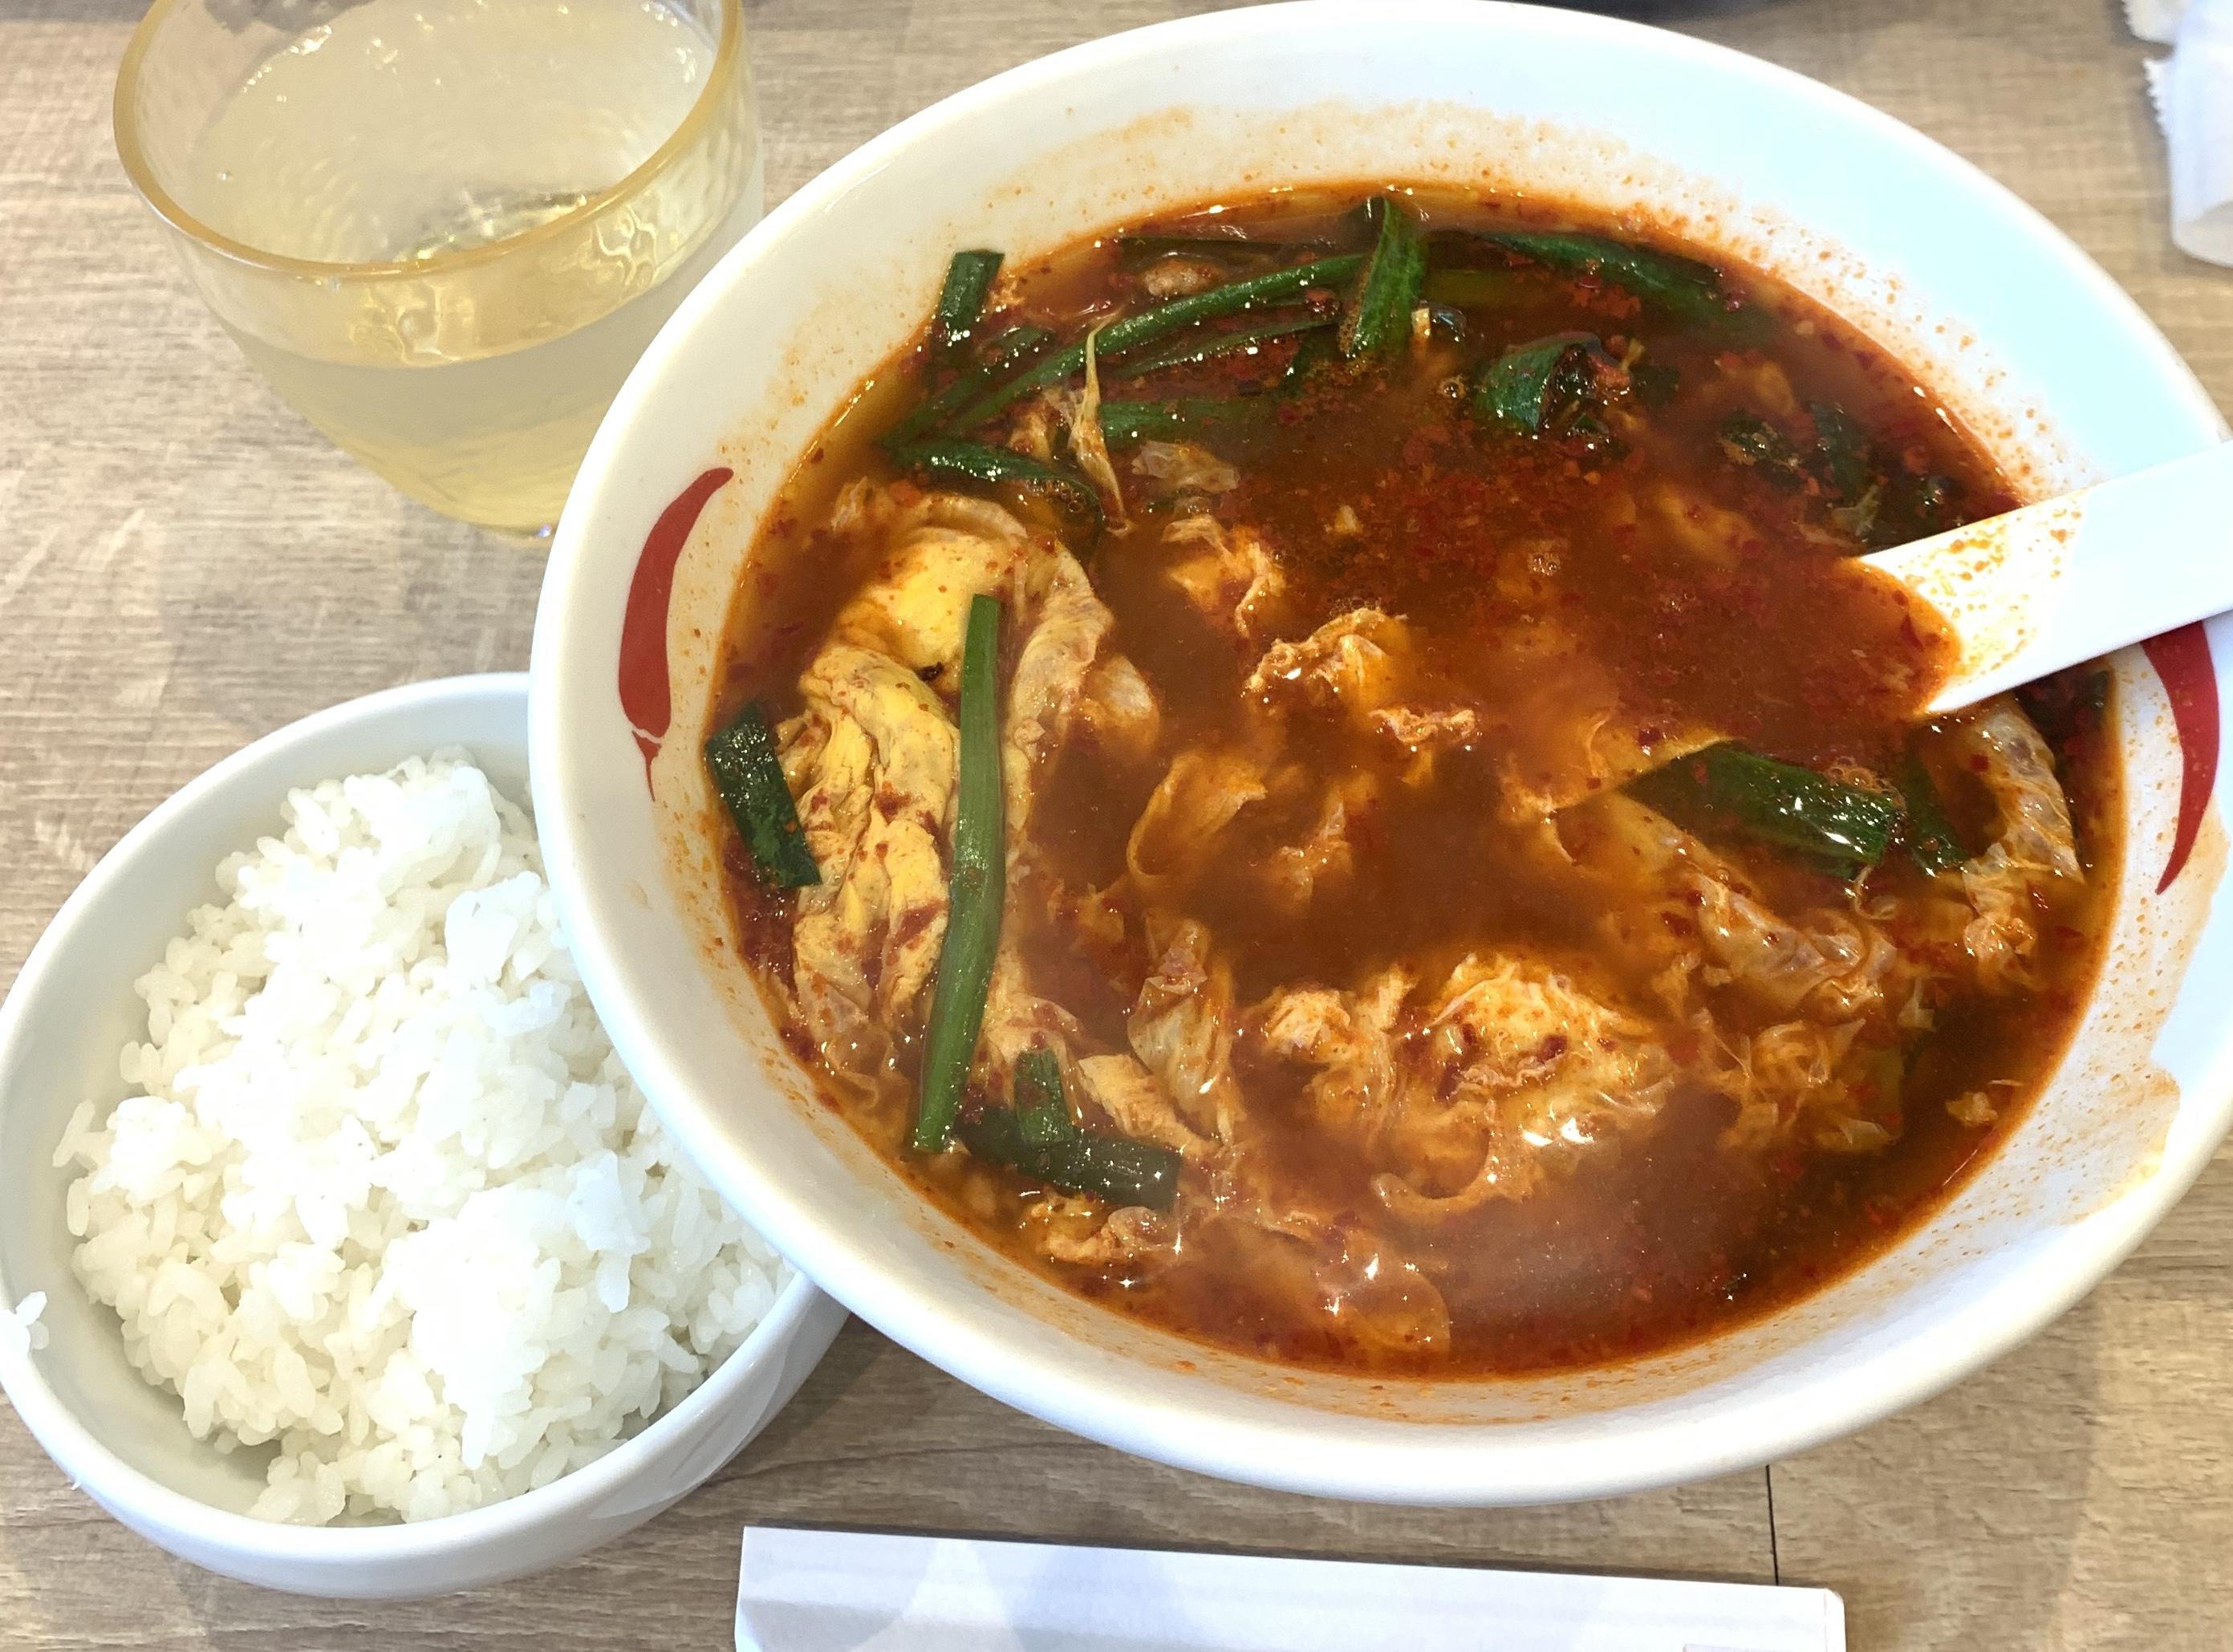 渋谷の辛麺屋一輪の辛麺と半ライス